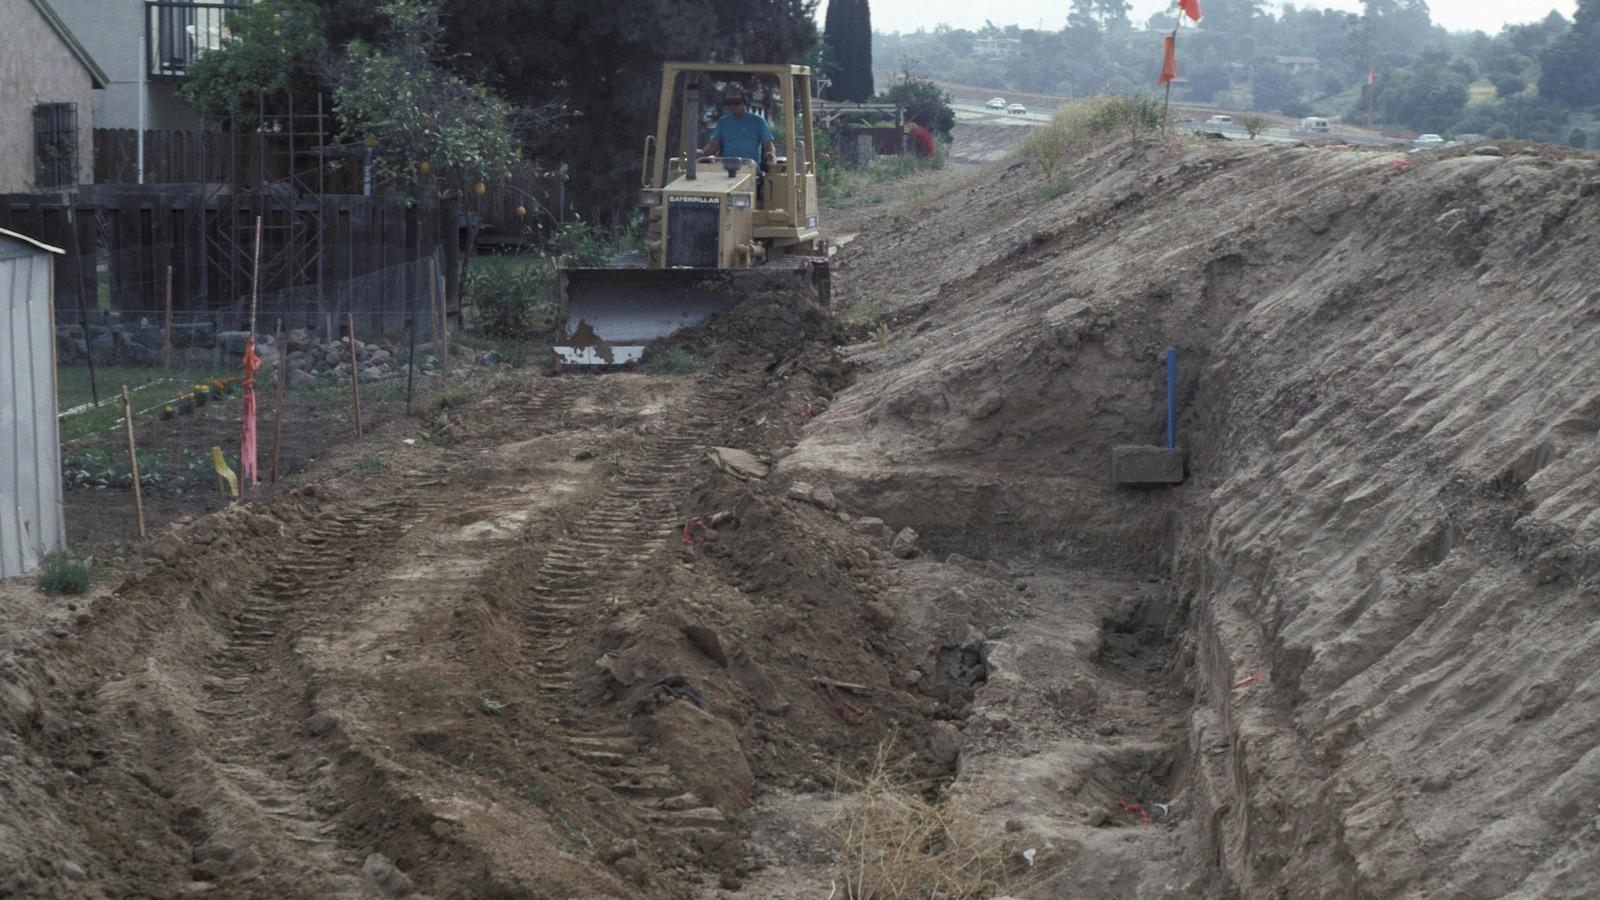 Le site où ont été faites les découvertes archéologiques